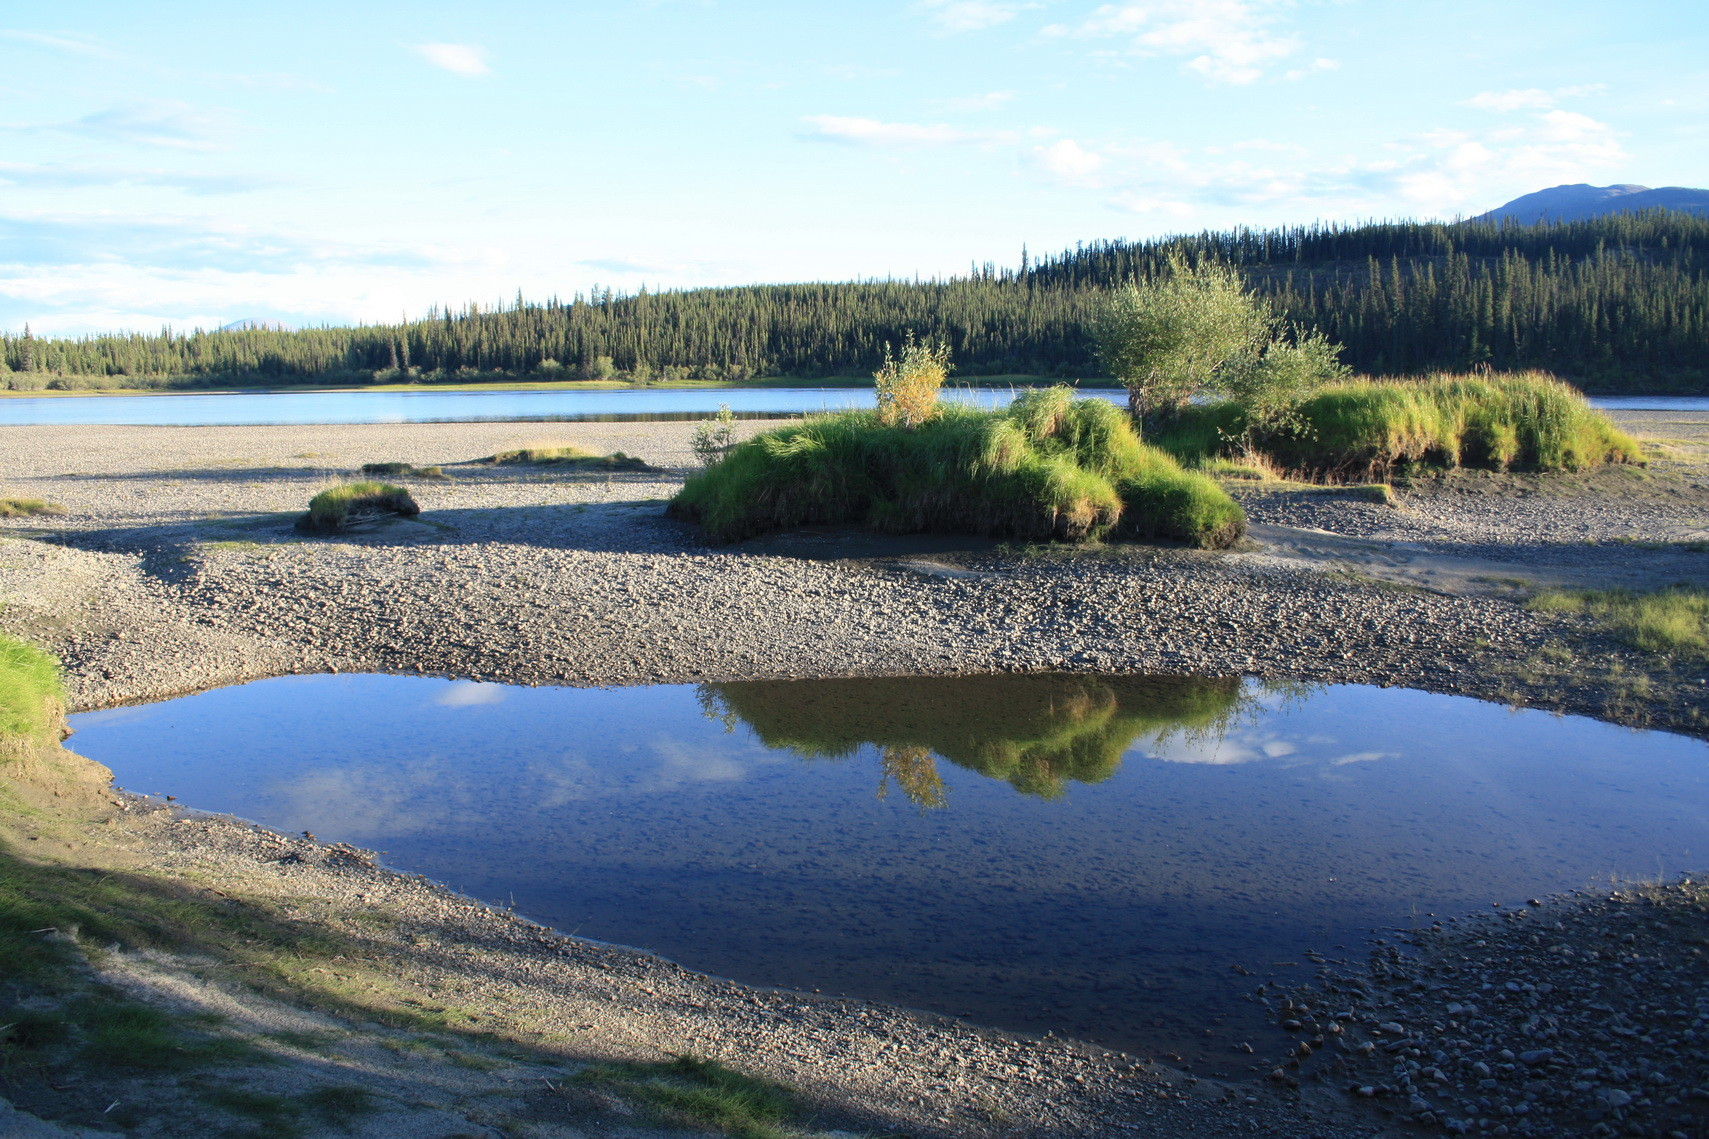 Camp auf einer Sandbank